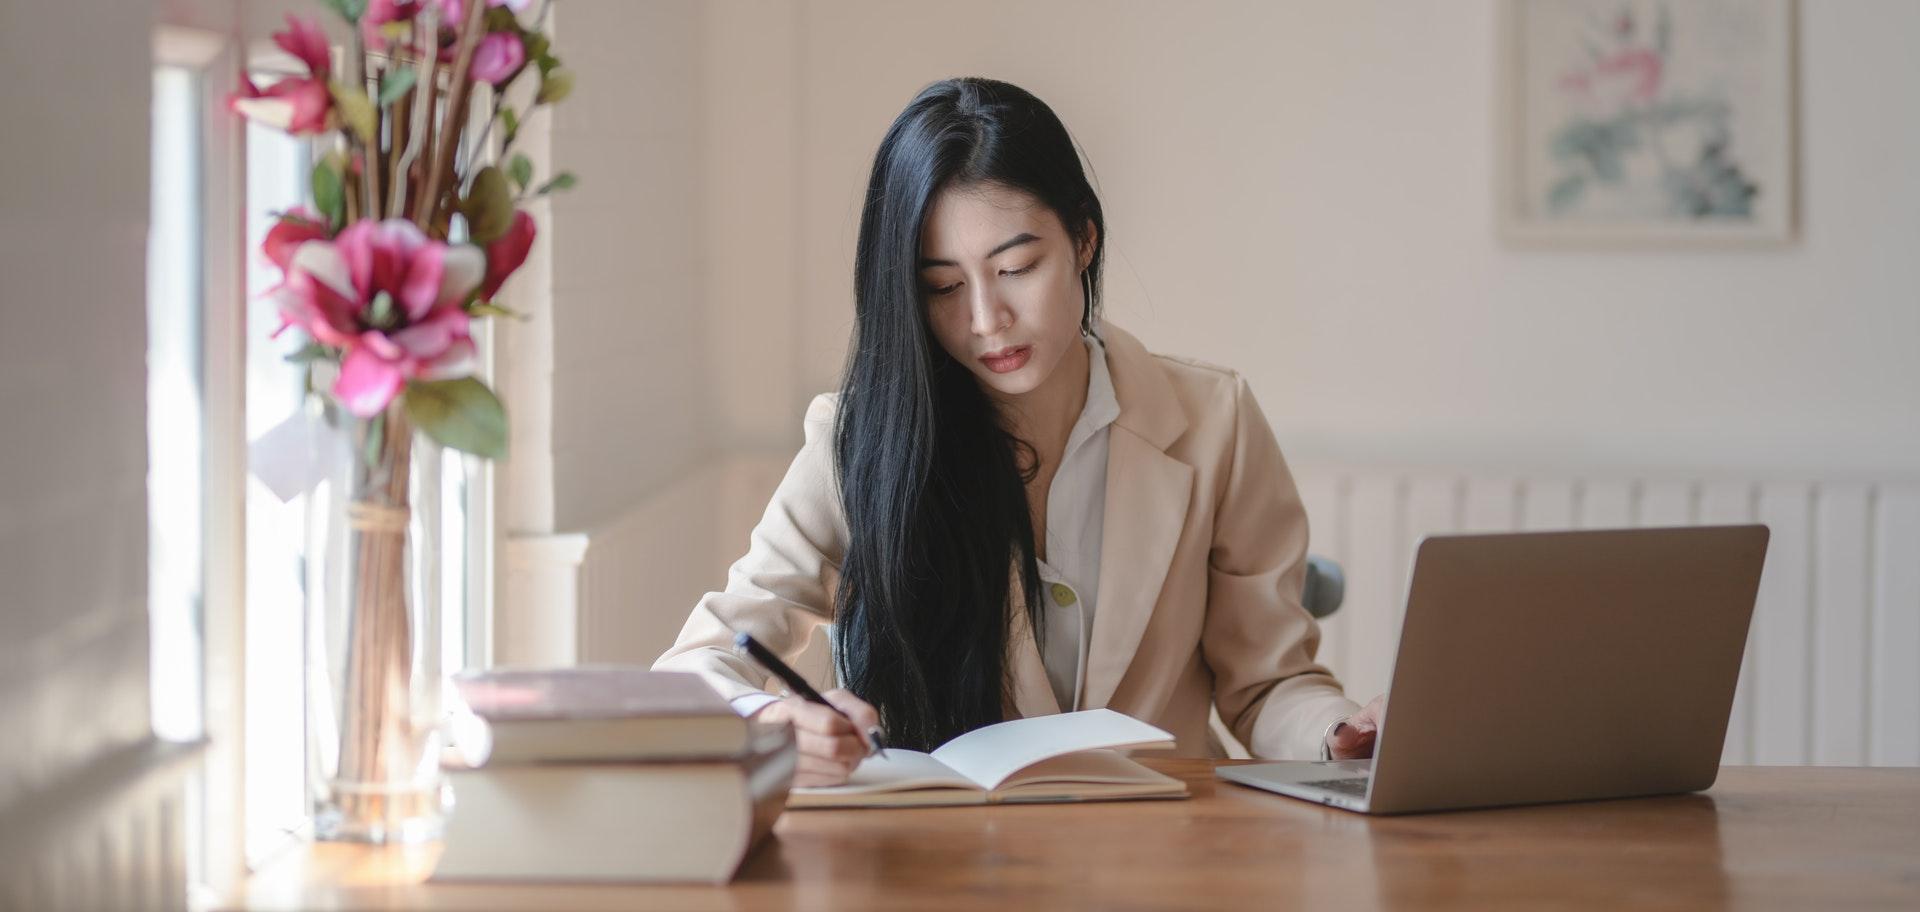 HOW TO SET A PROPER BUDGET, ACCORDING TO A CFO